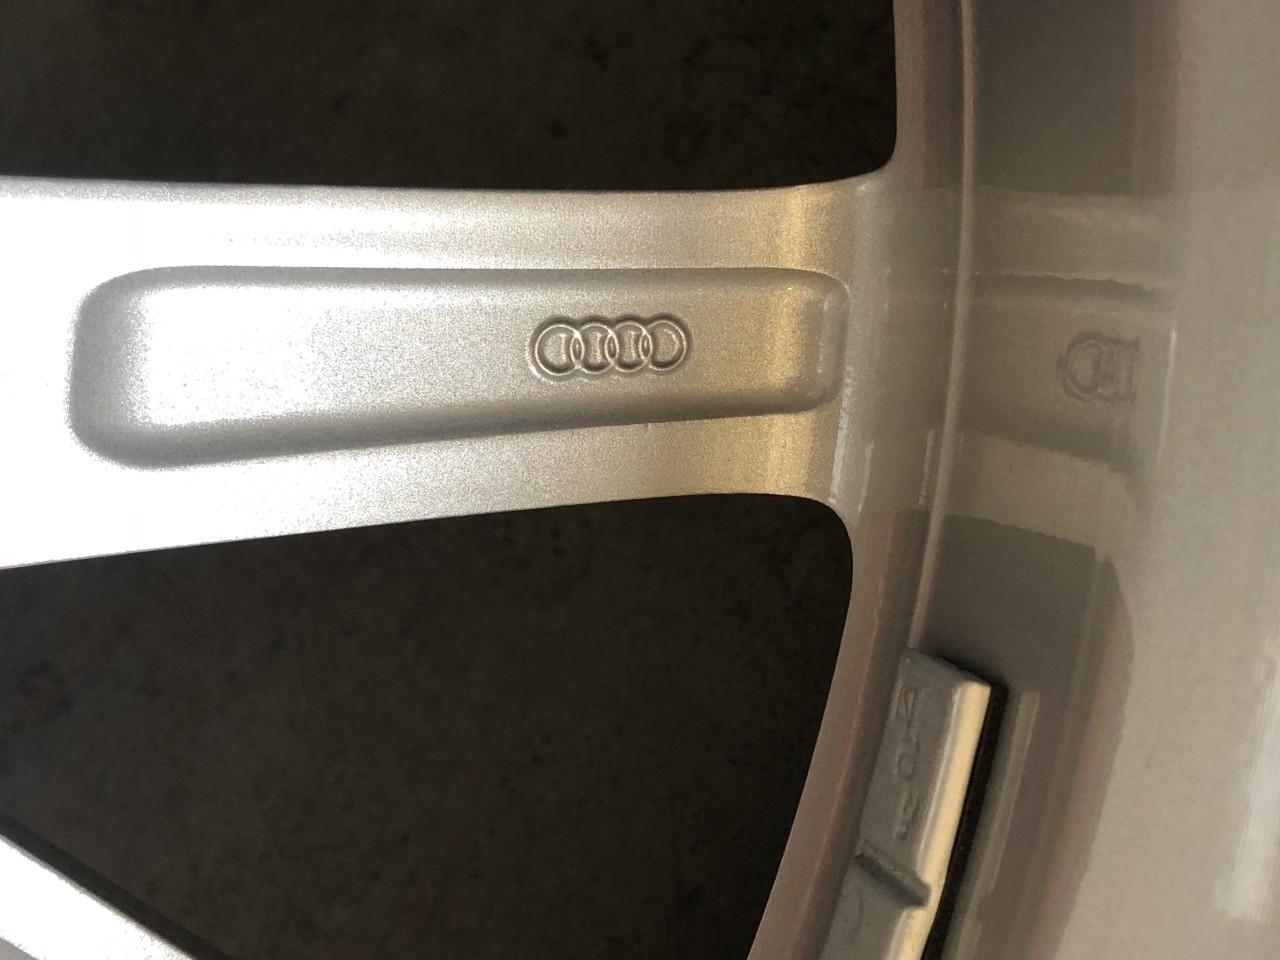 Vând jante originale Audi A7,A6,A5,A4 noi cu anvelope noi de iarnă